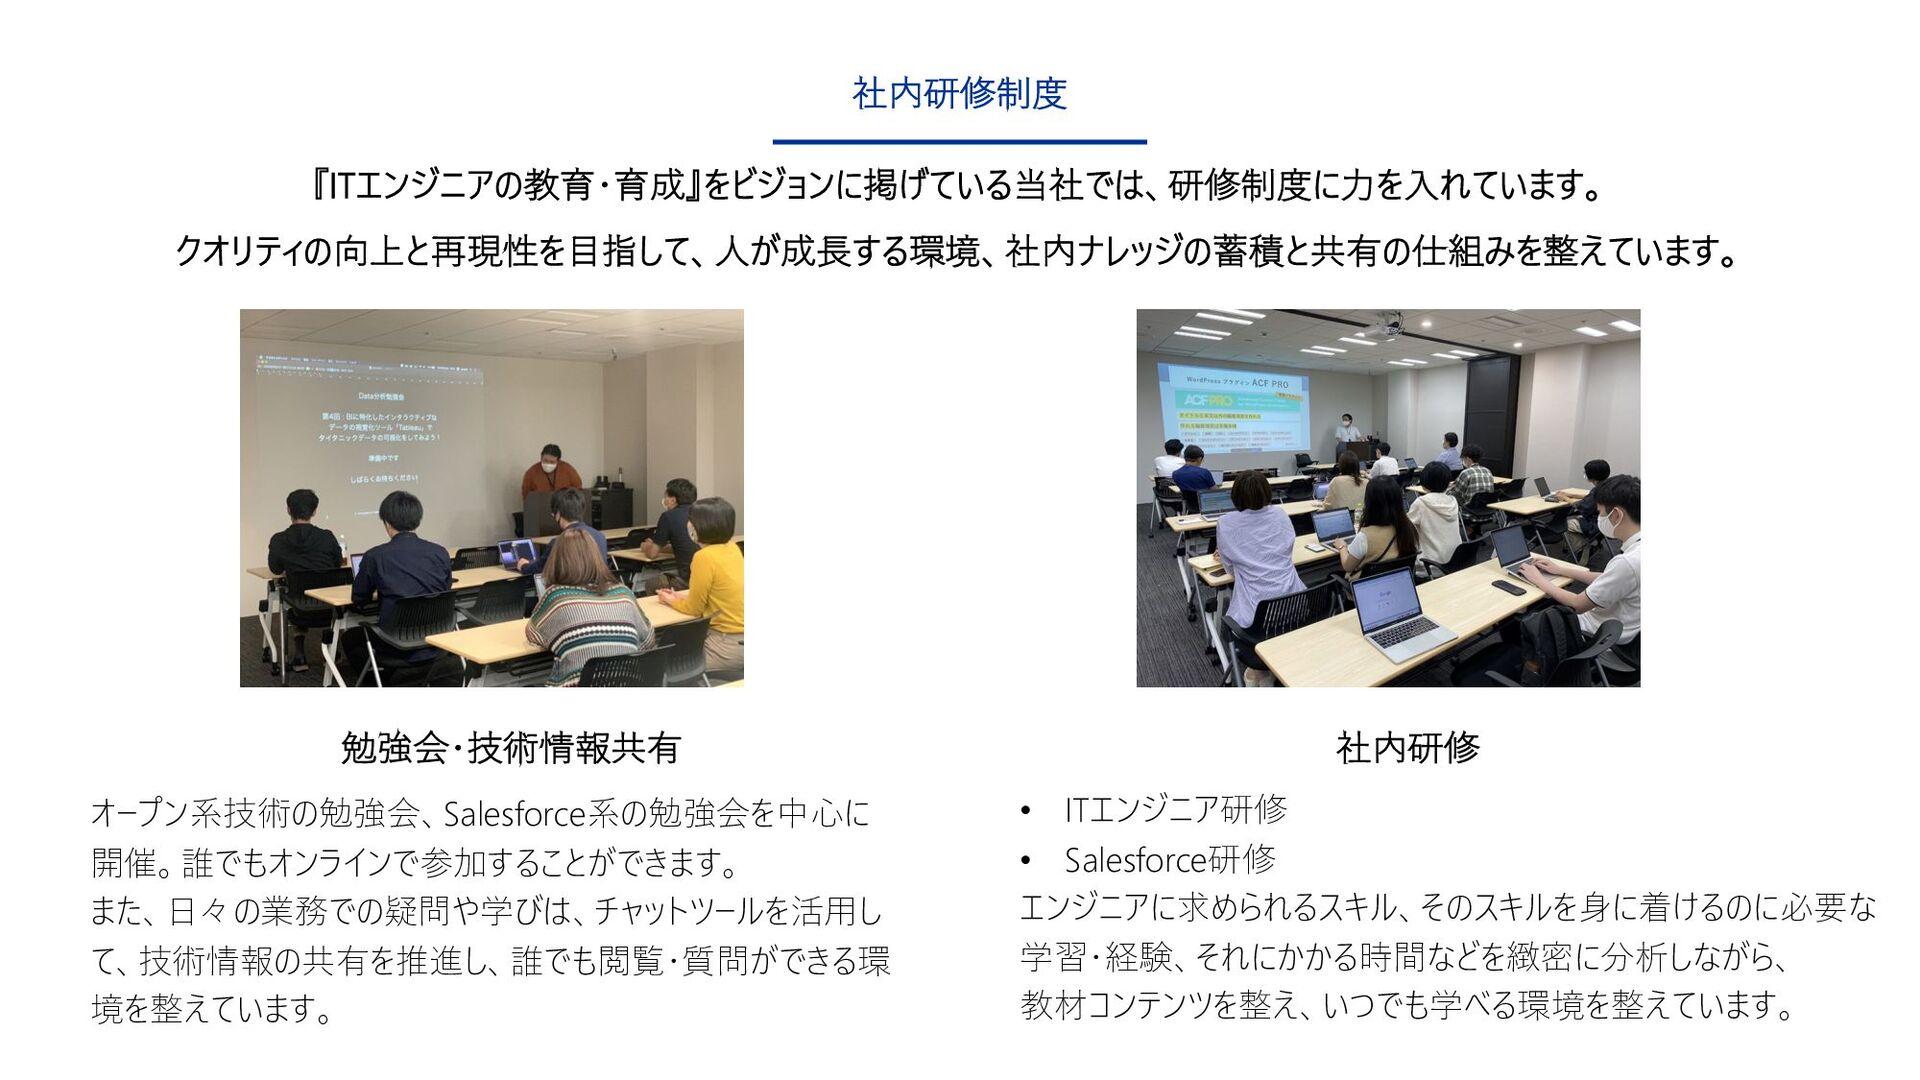 21 社内研修制度 『ITエンジニアの教育・育成』をビジョンに掲げている当社では、研修制度に⼒...